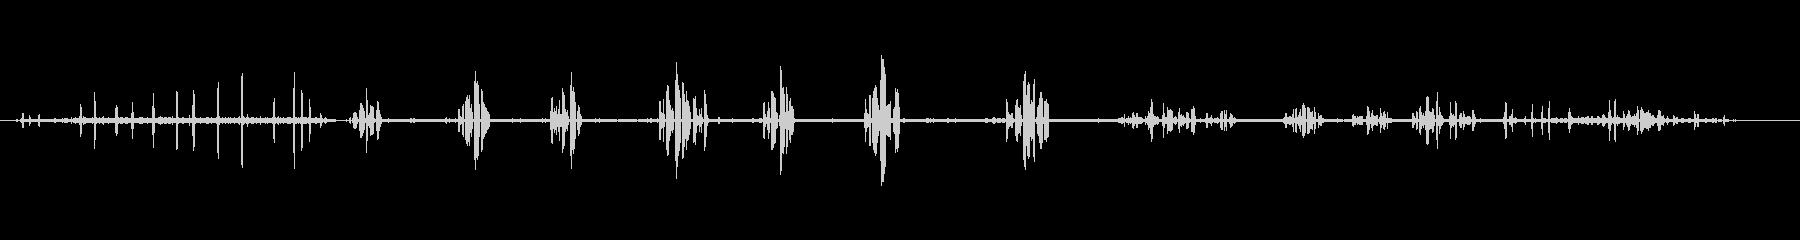 一般的なタラビラ-BitxacComúの未再生の波形